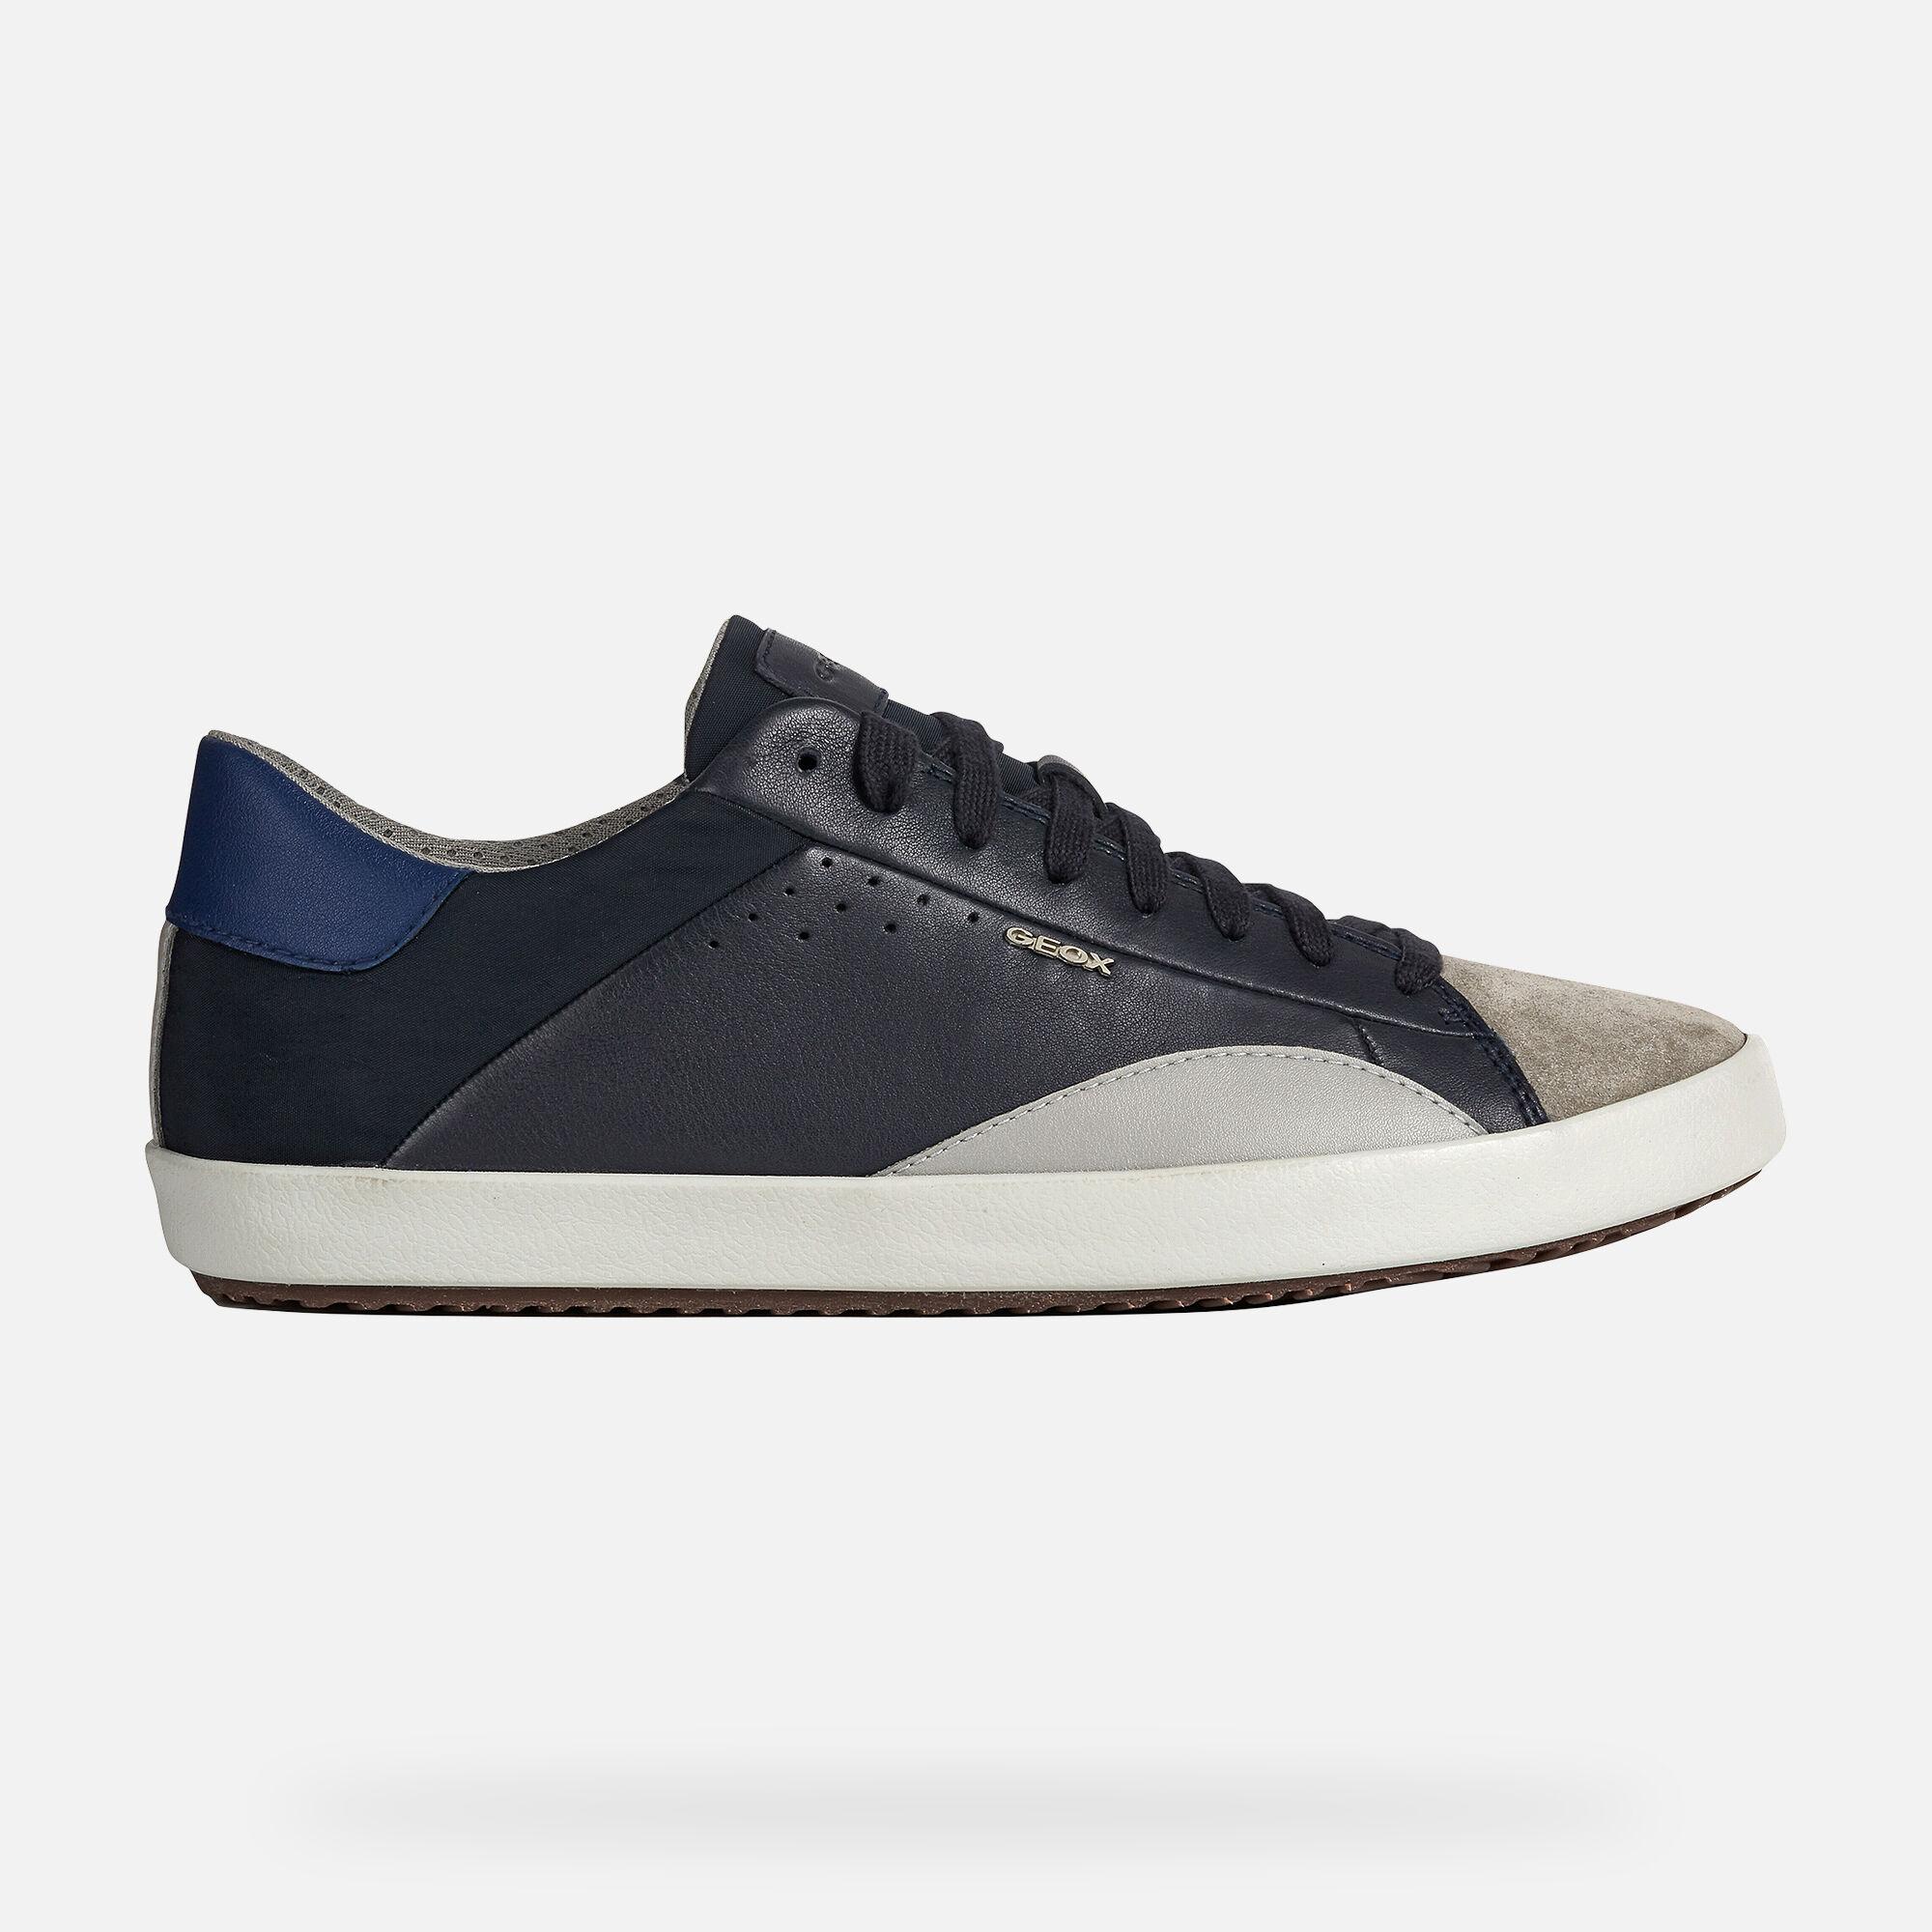 Geox WARLEY Man: Navy blue Sneakers